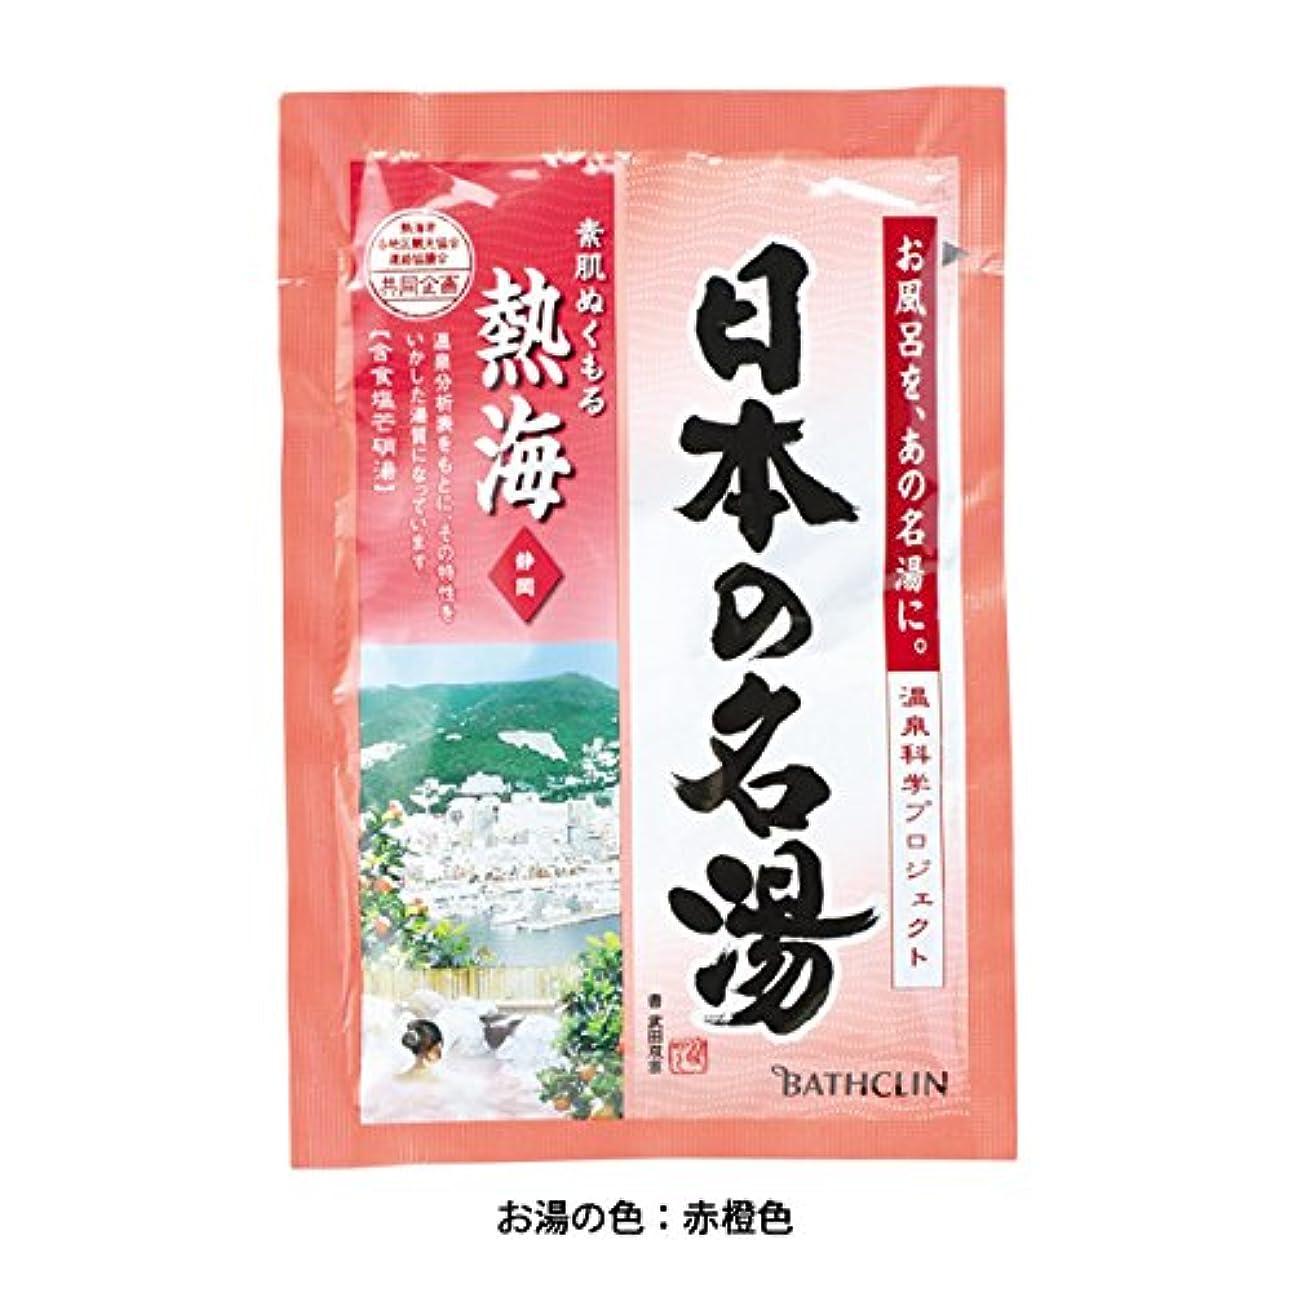 限りなく鮮やかな運命的な(内野)UCHINO スフ 日本の名湯(熱海 静岡)